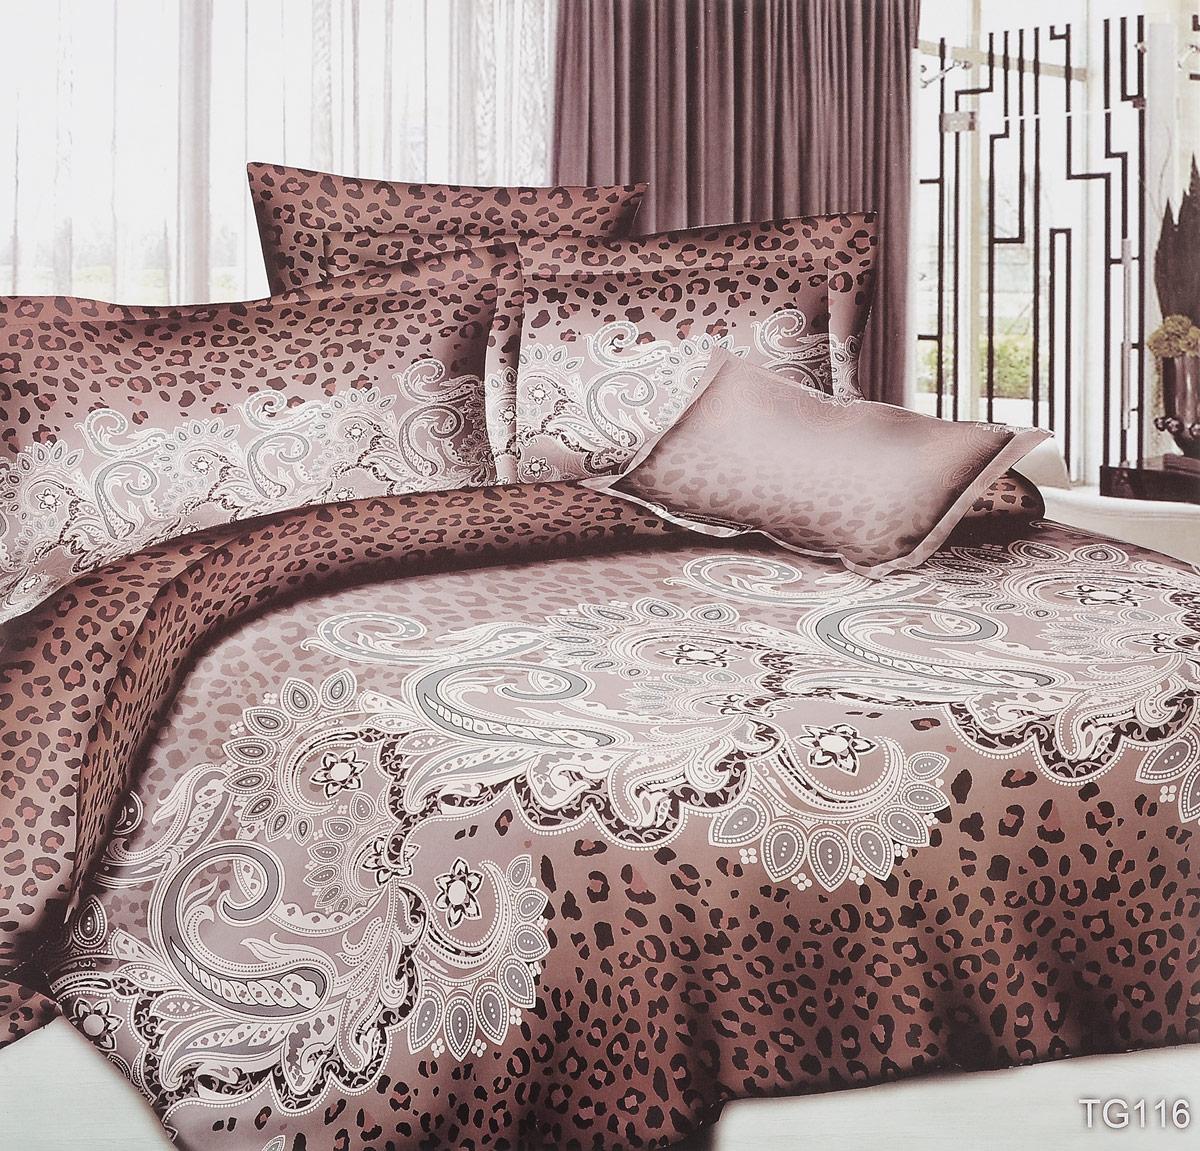 Комплект белья ЭГО Гламур, 1,5-спальный, наволочки 70x70